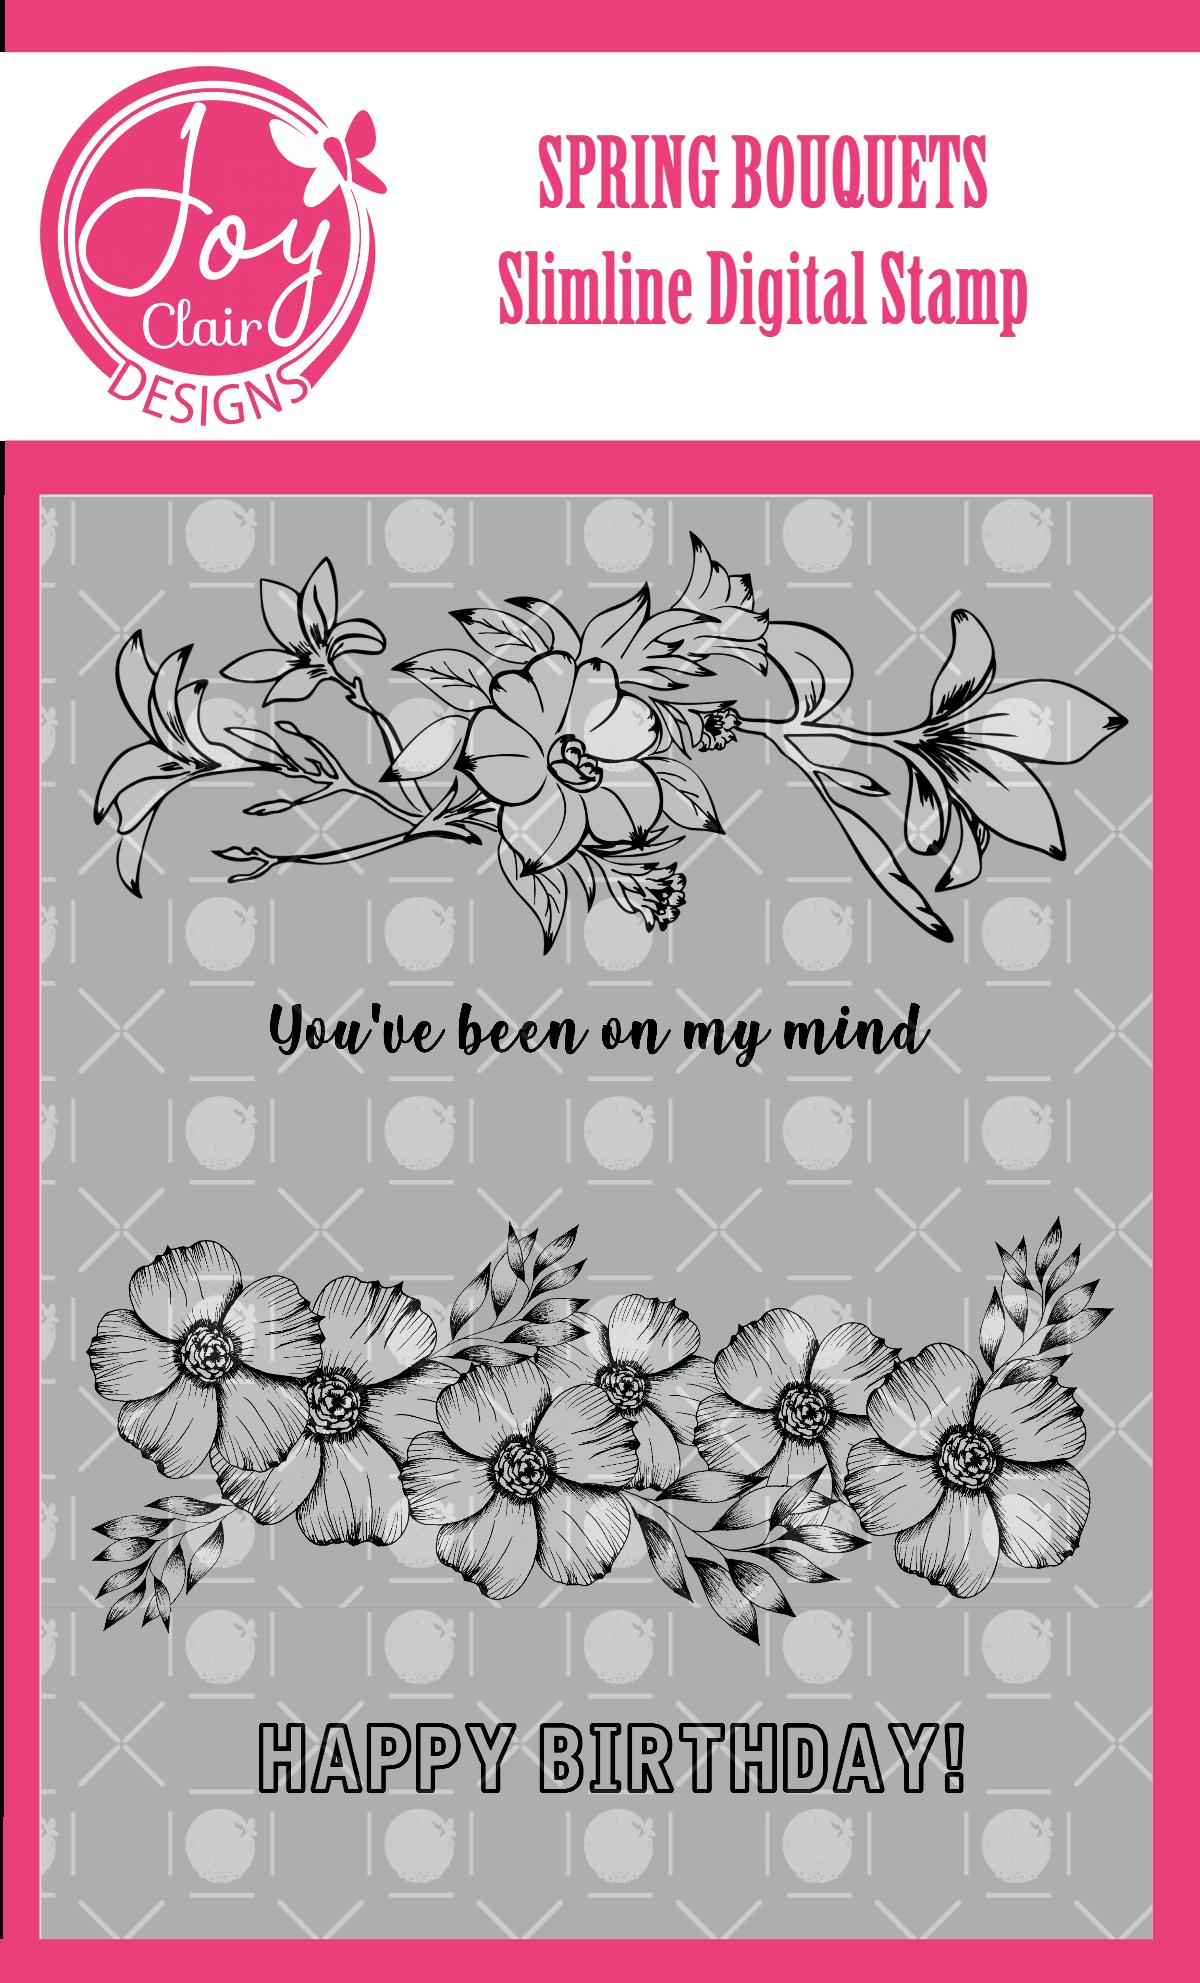 Joy Clair - Spring Bouquet Slimline